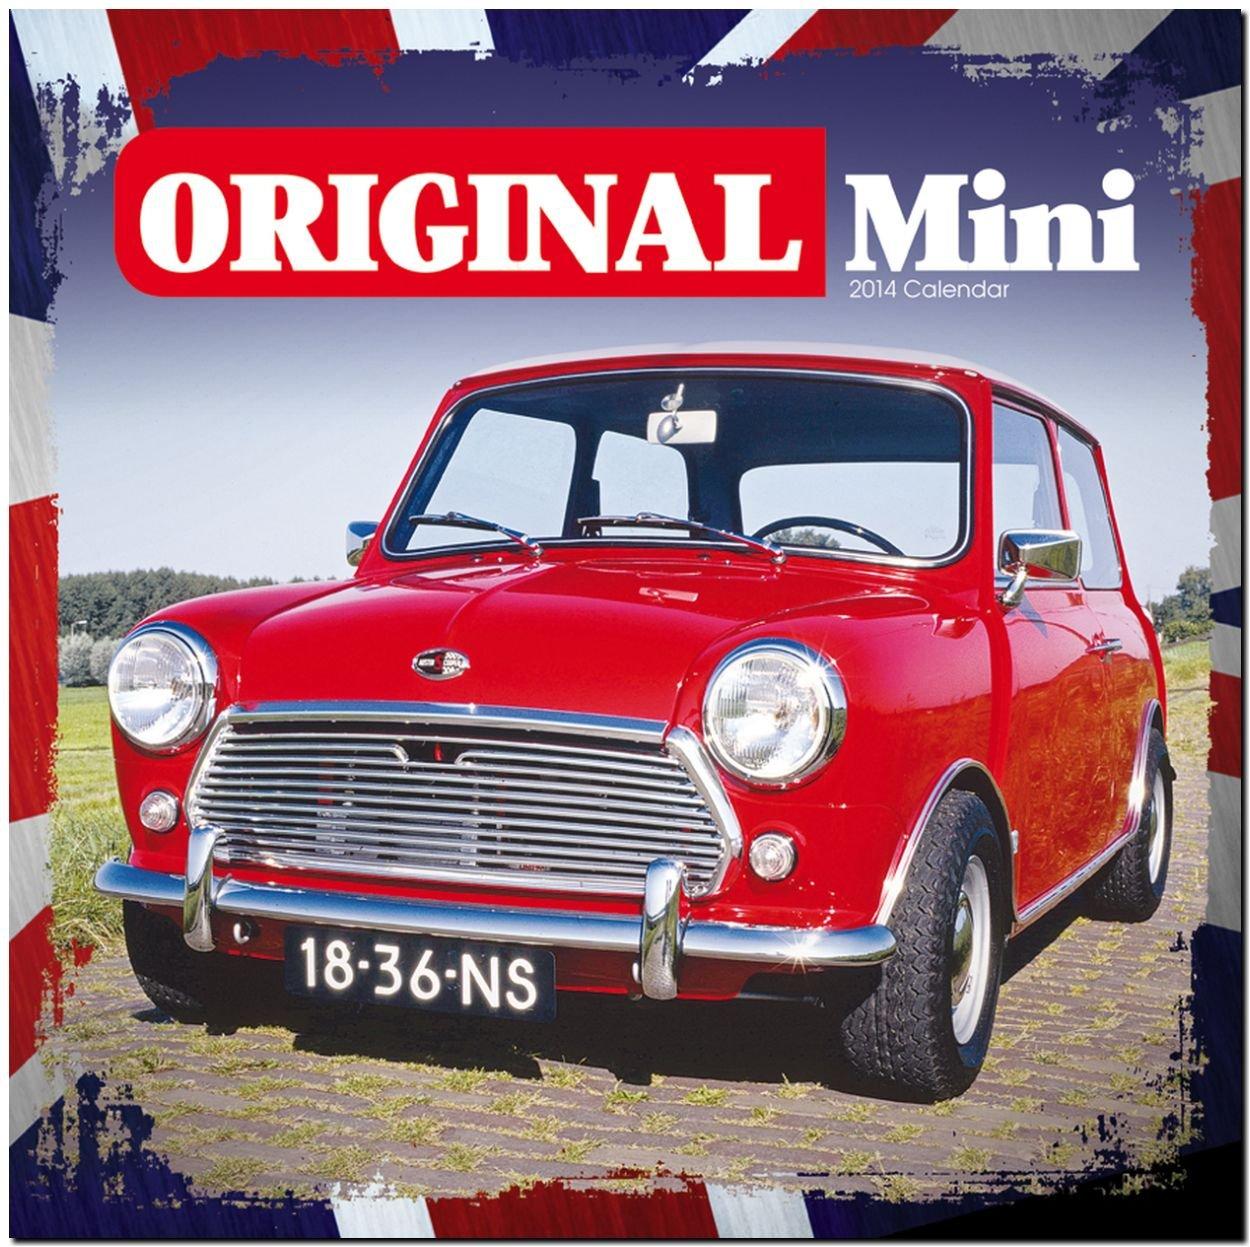 Original Mini 2014: Original Carousel-Kalender